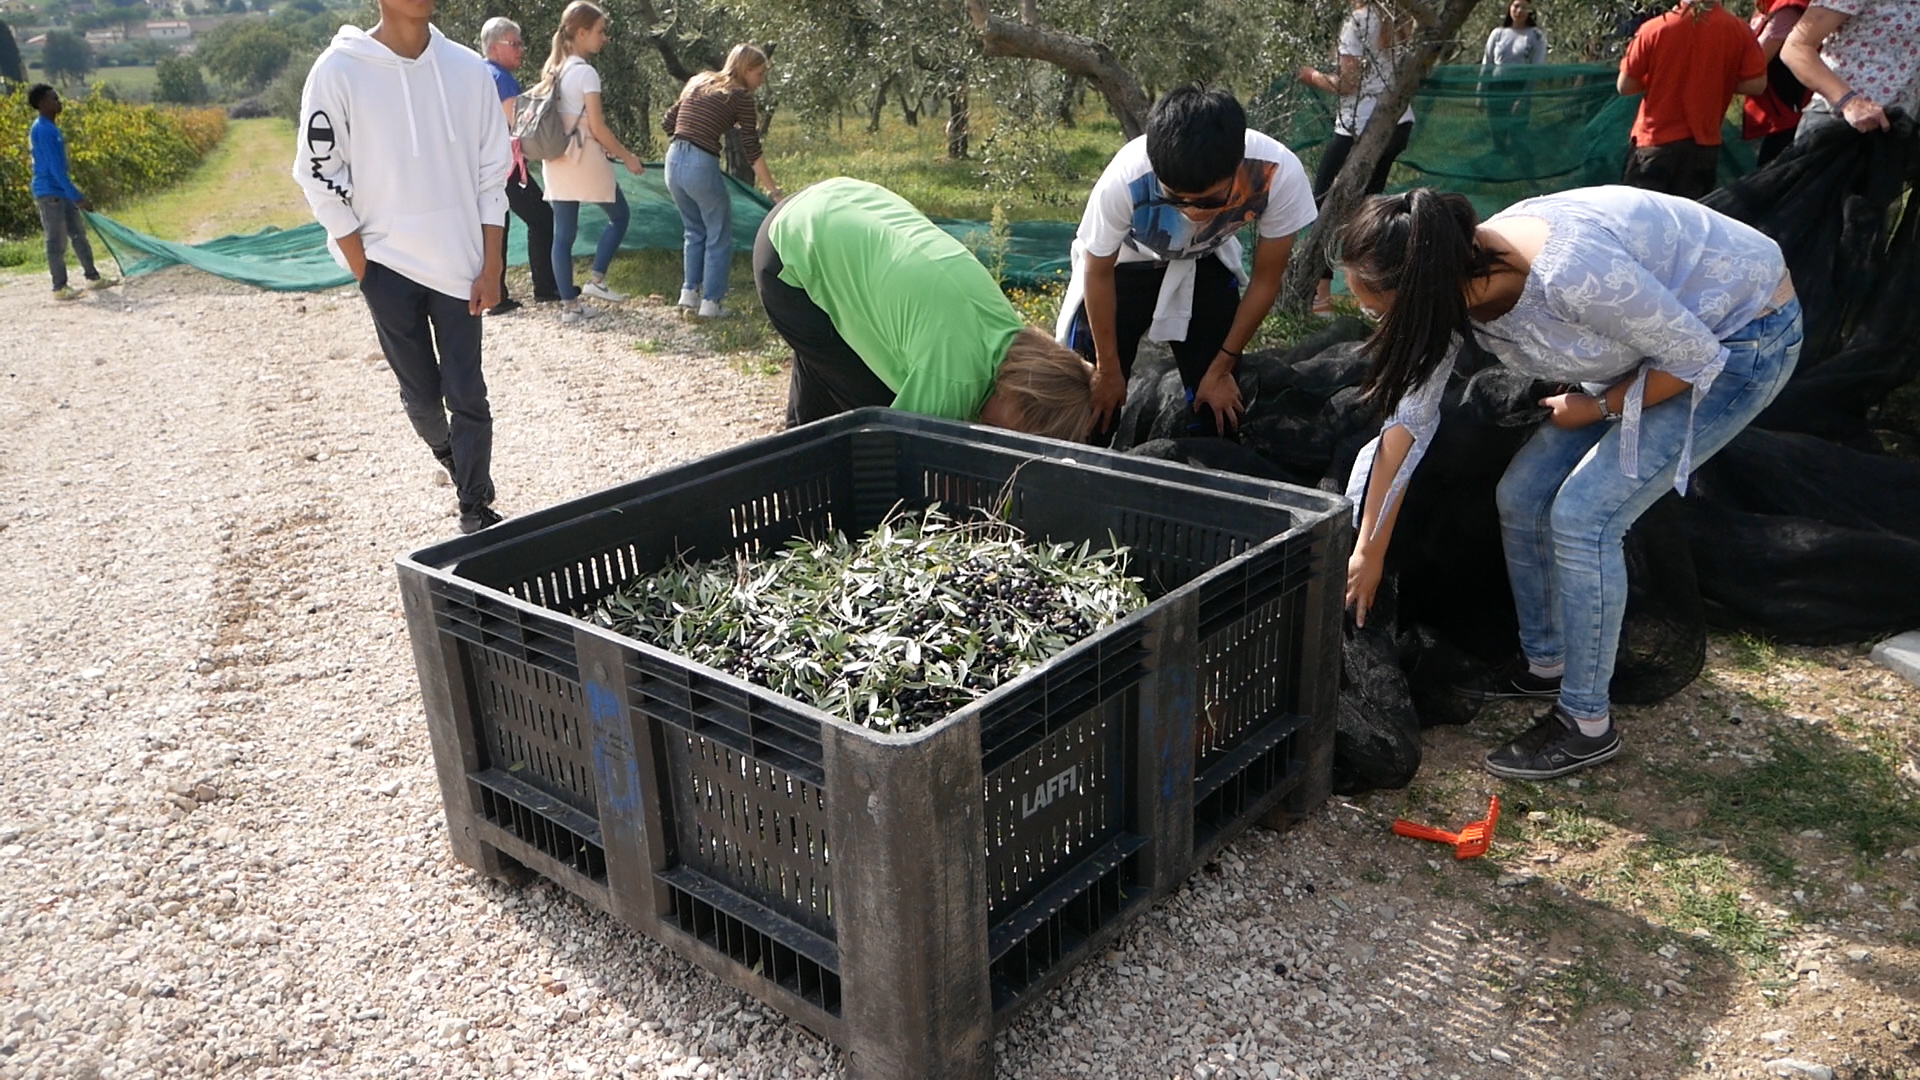 Esperienza sensoriale Assisi Tili Vini - Raccogliamo le olive insieme 10